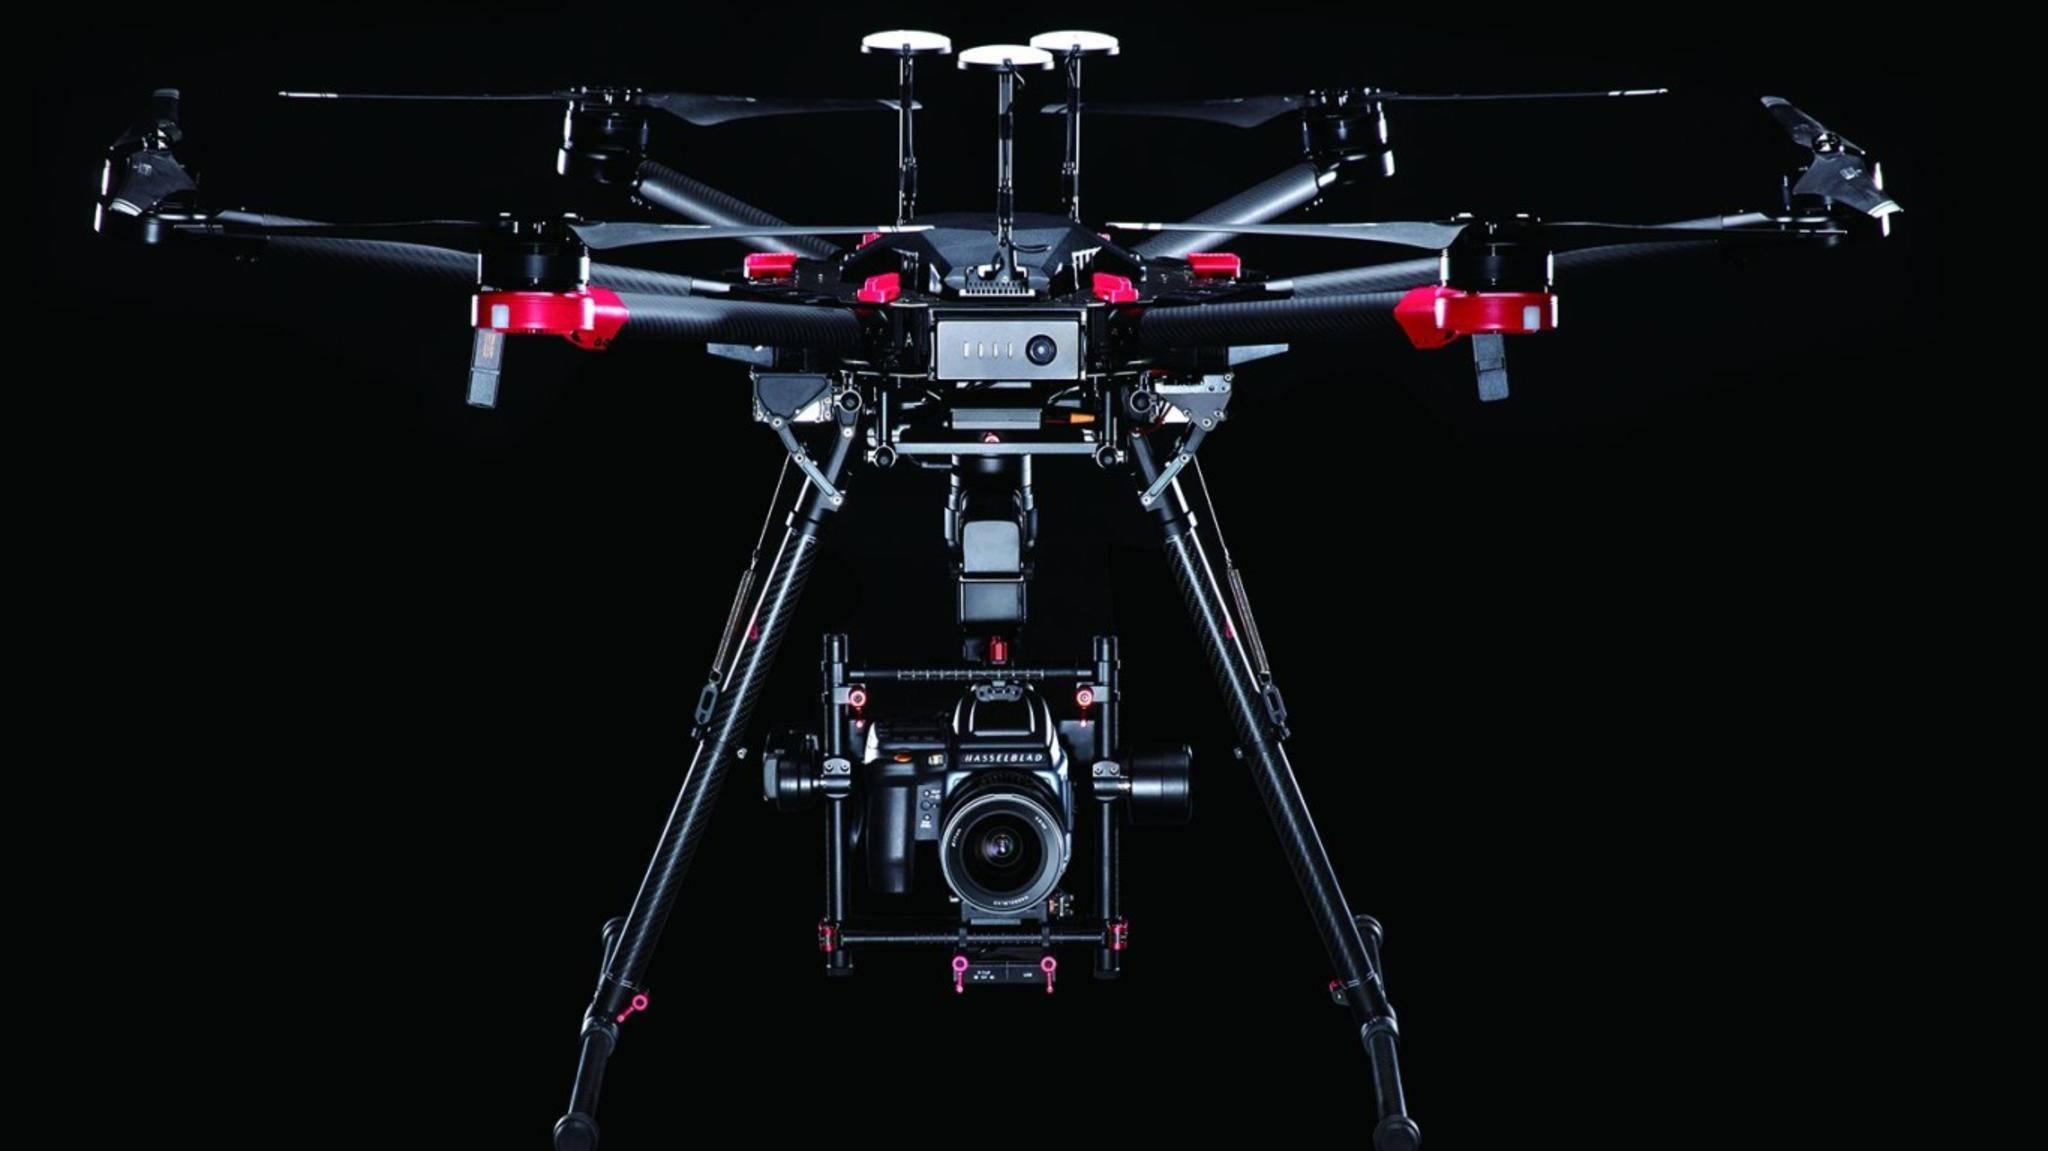 Die Kamera-Drohne von DJI und Hasselblad verbindet eine hochwertige Systemkamera mit einer Profi-Drohne.